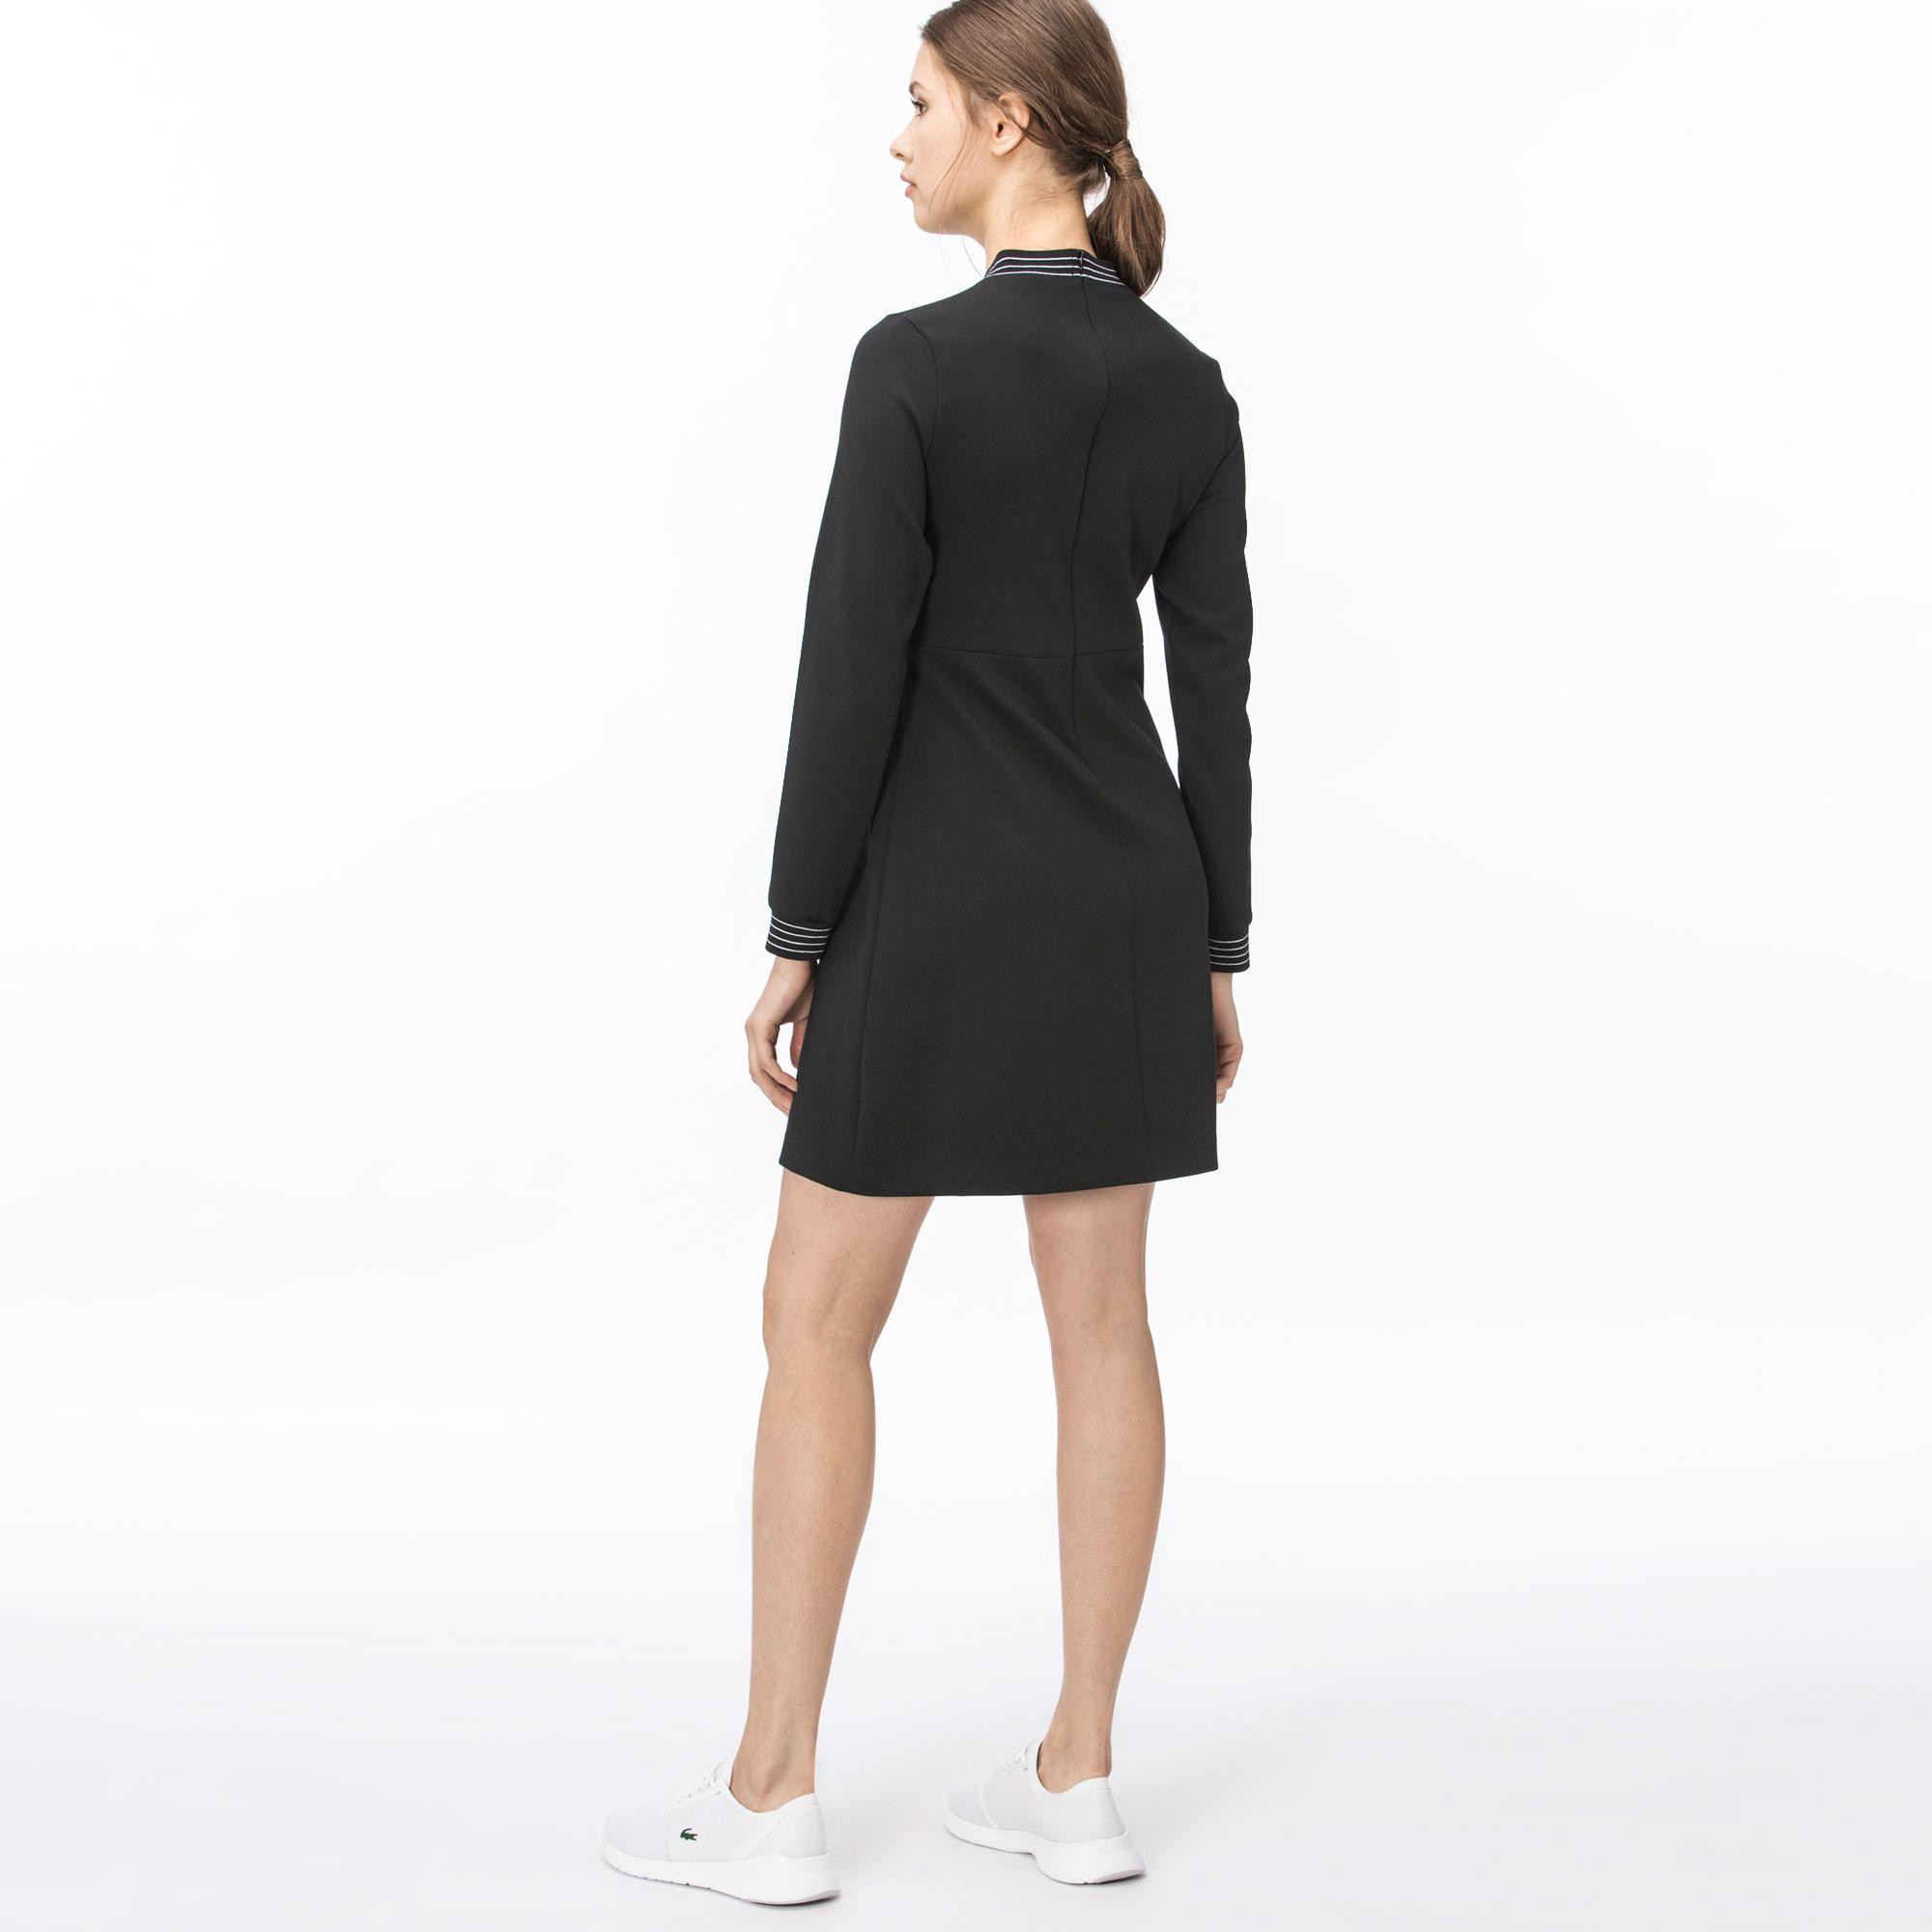 Lacoste Kadın Siyah Elbise